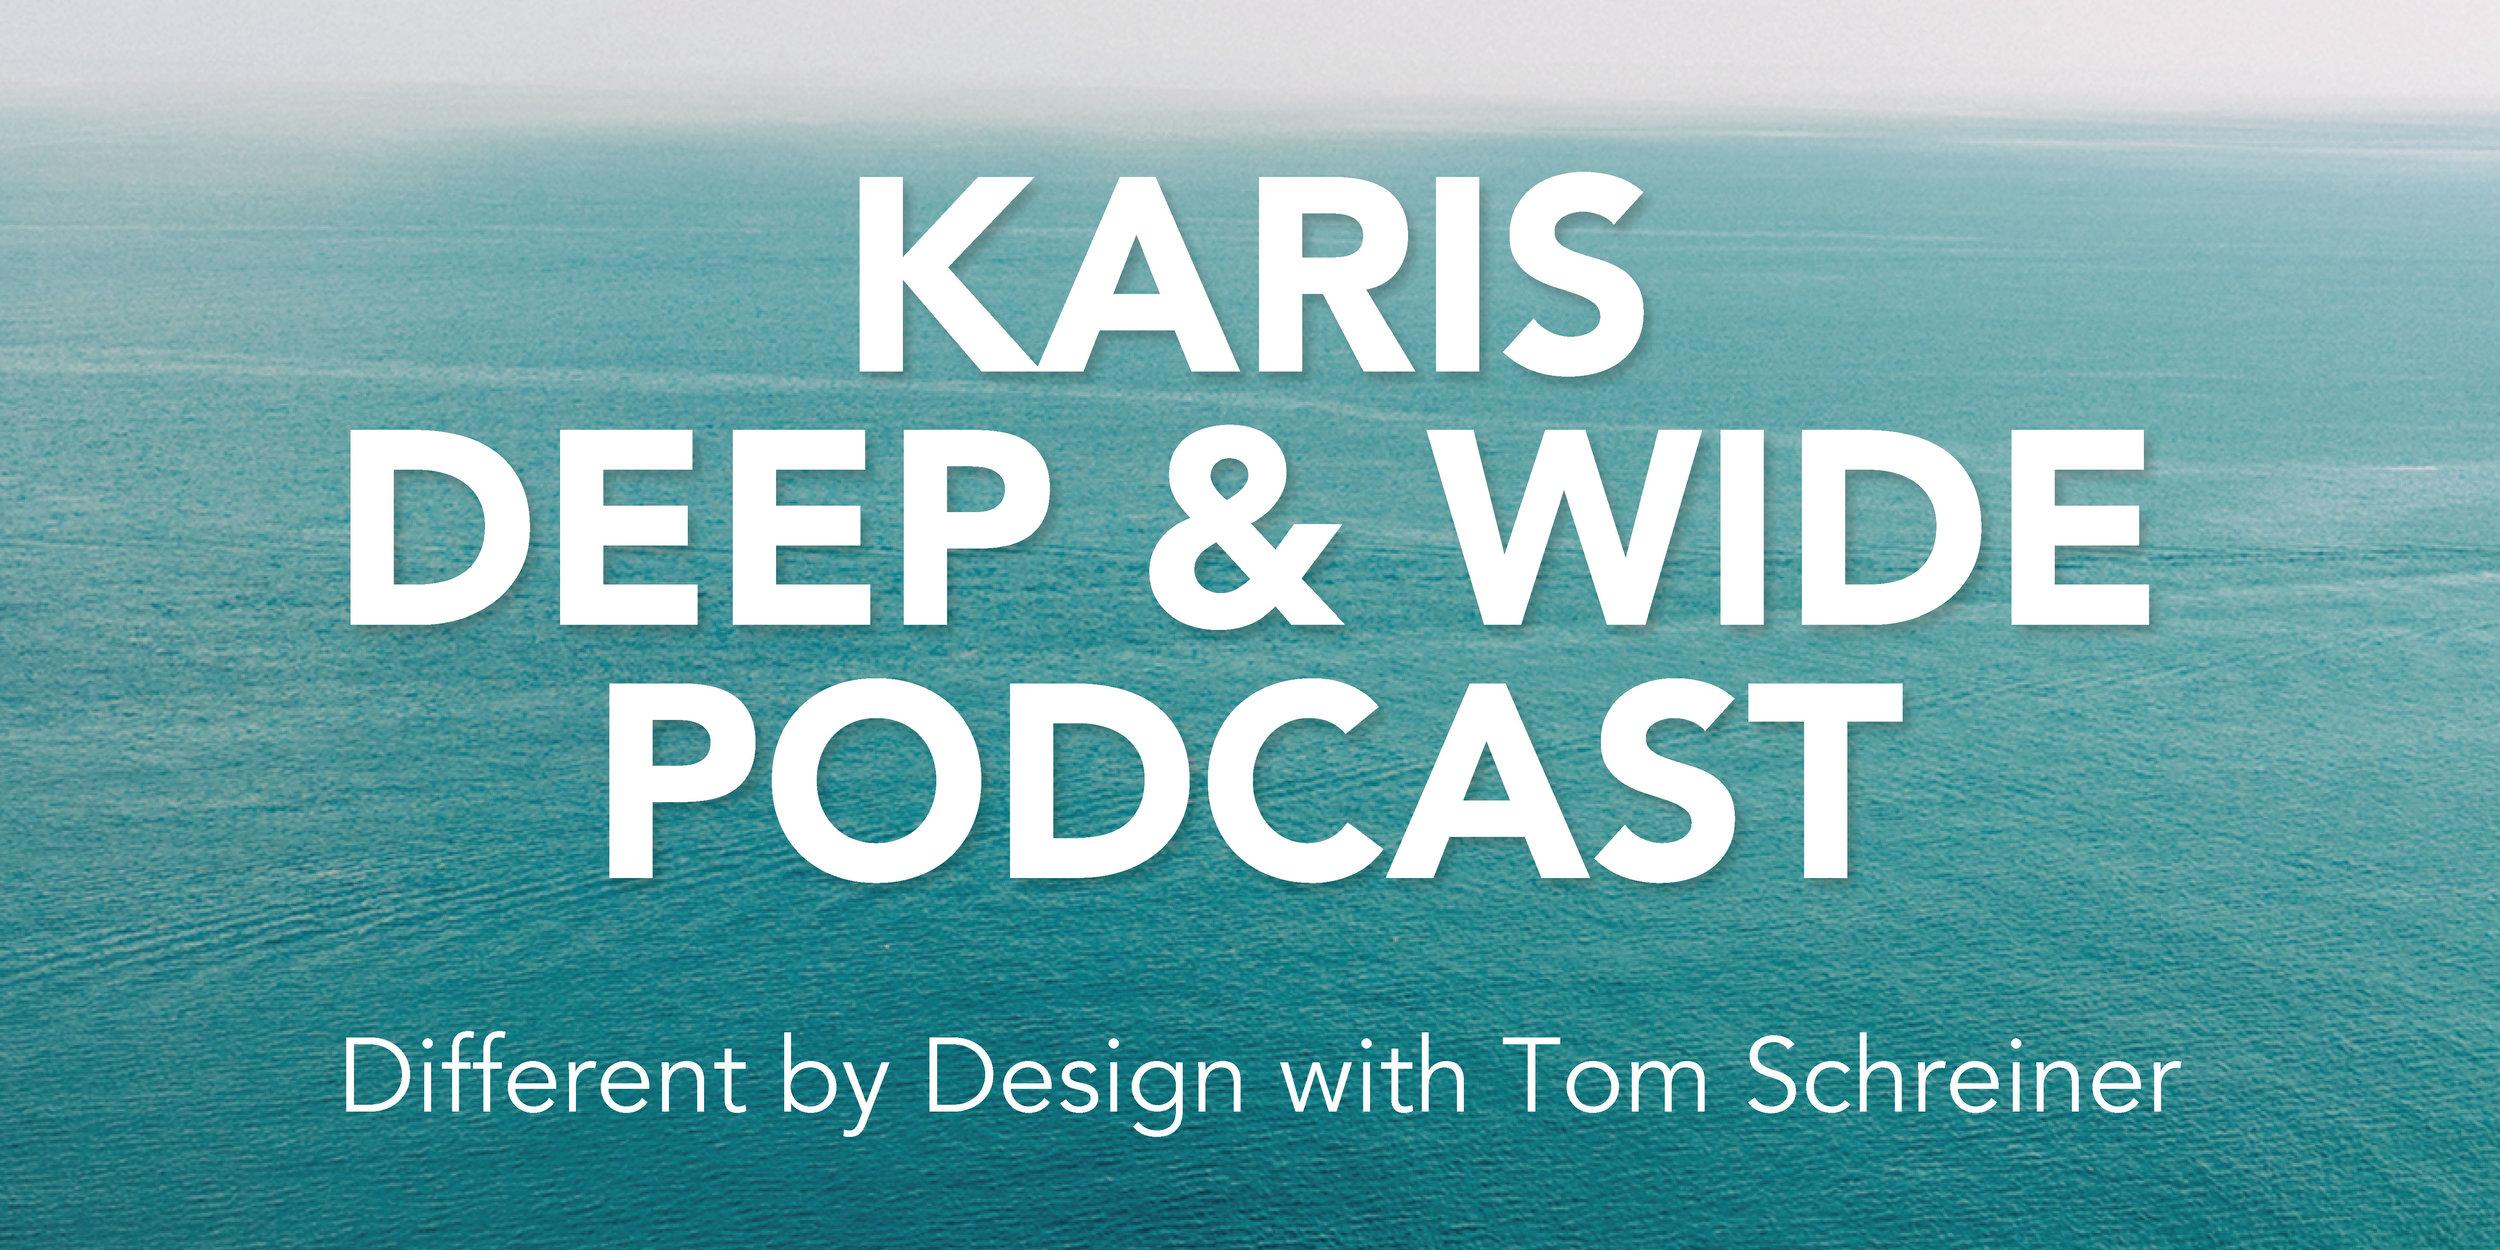 different-by-design-with-tom-schreiner